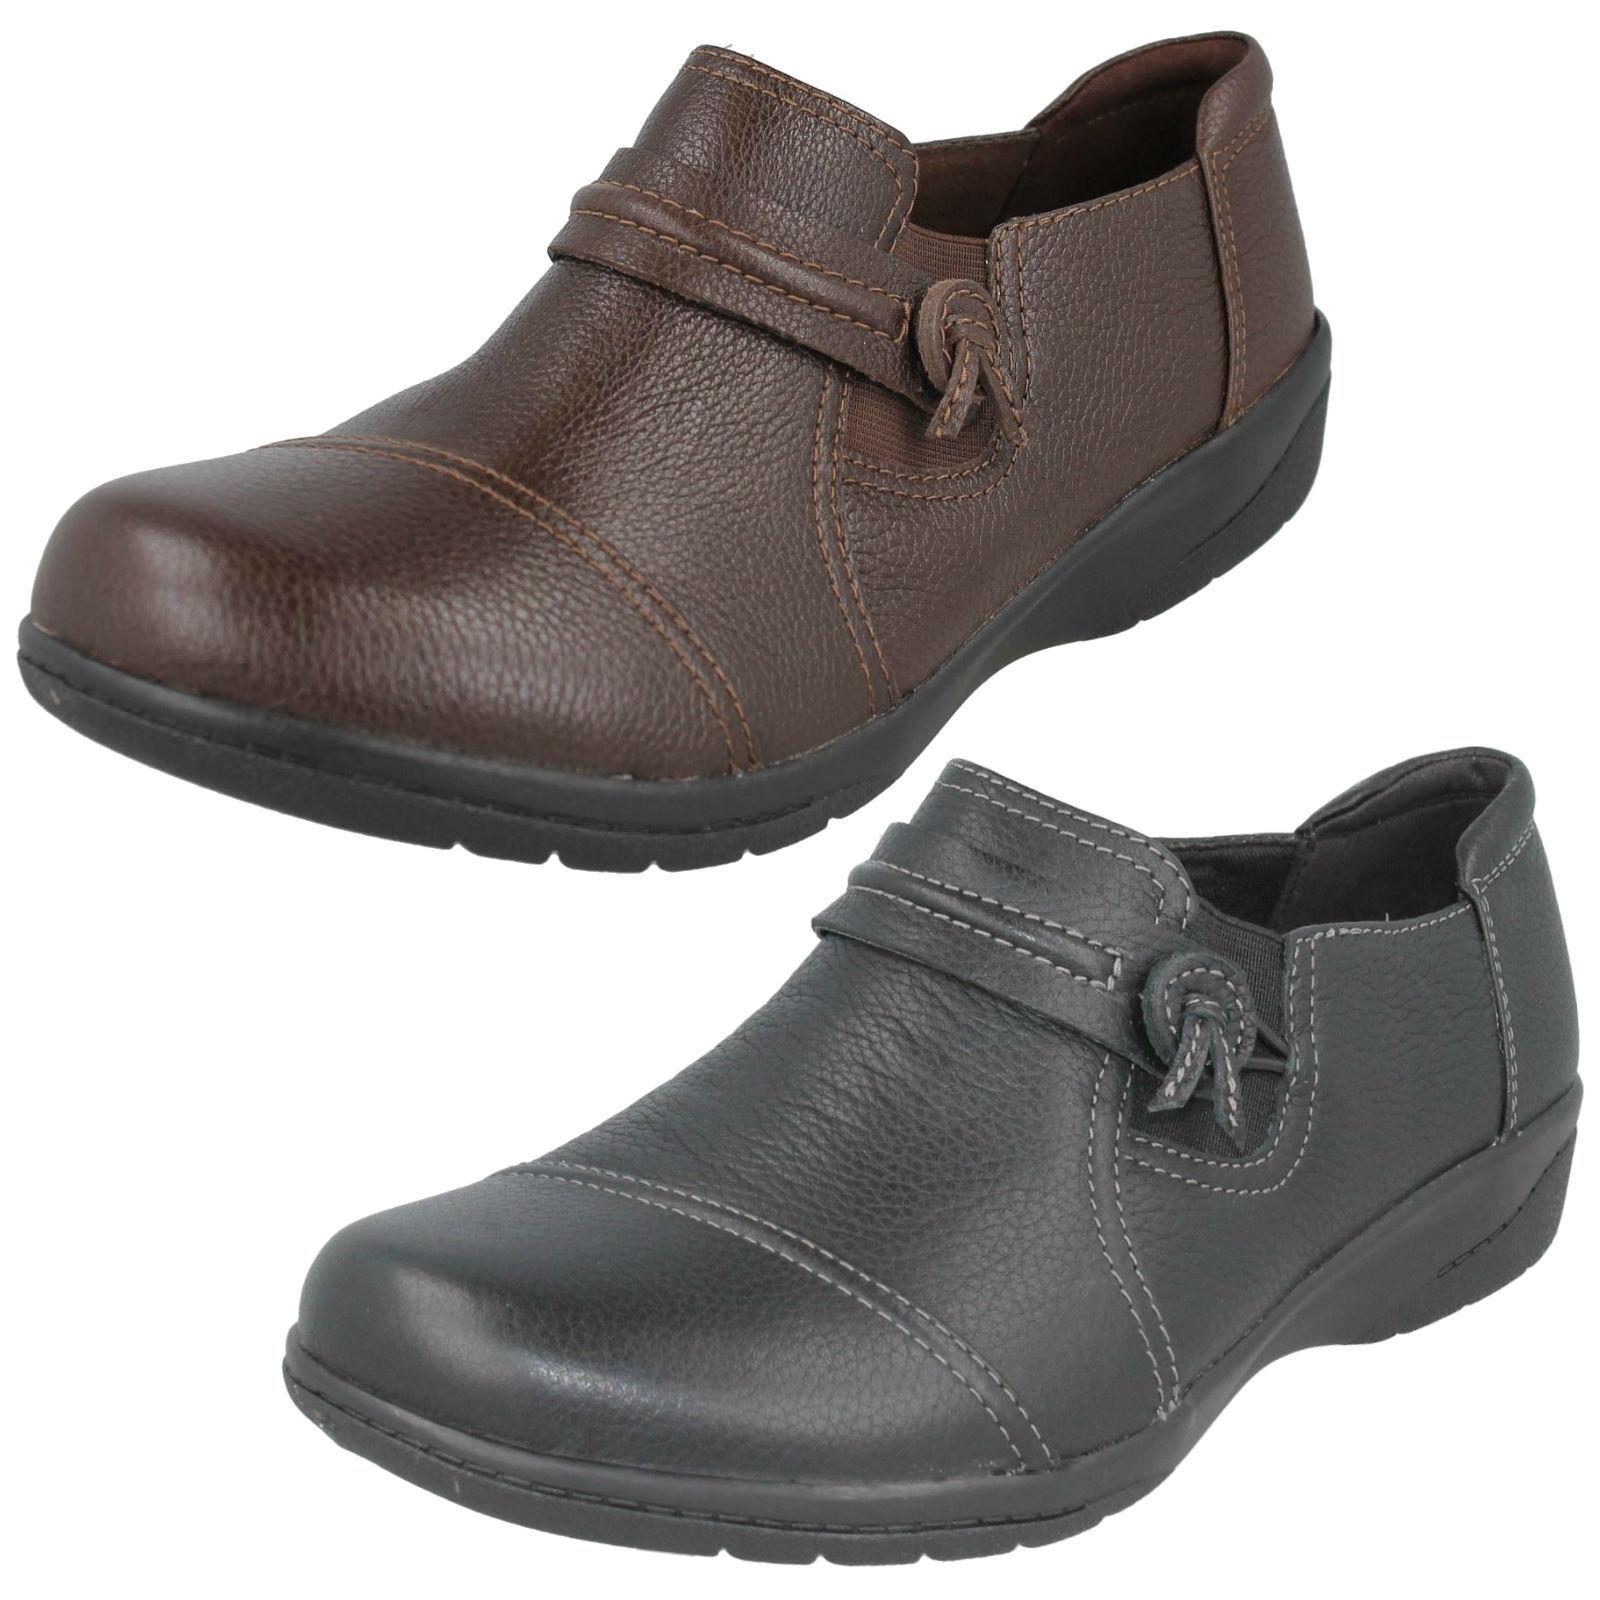 Damen Clarks Leder Breit ohne Bügel Zwickel Freizeit Flach Hosen Schuhe Cheyn